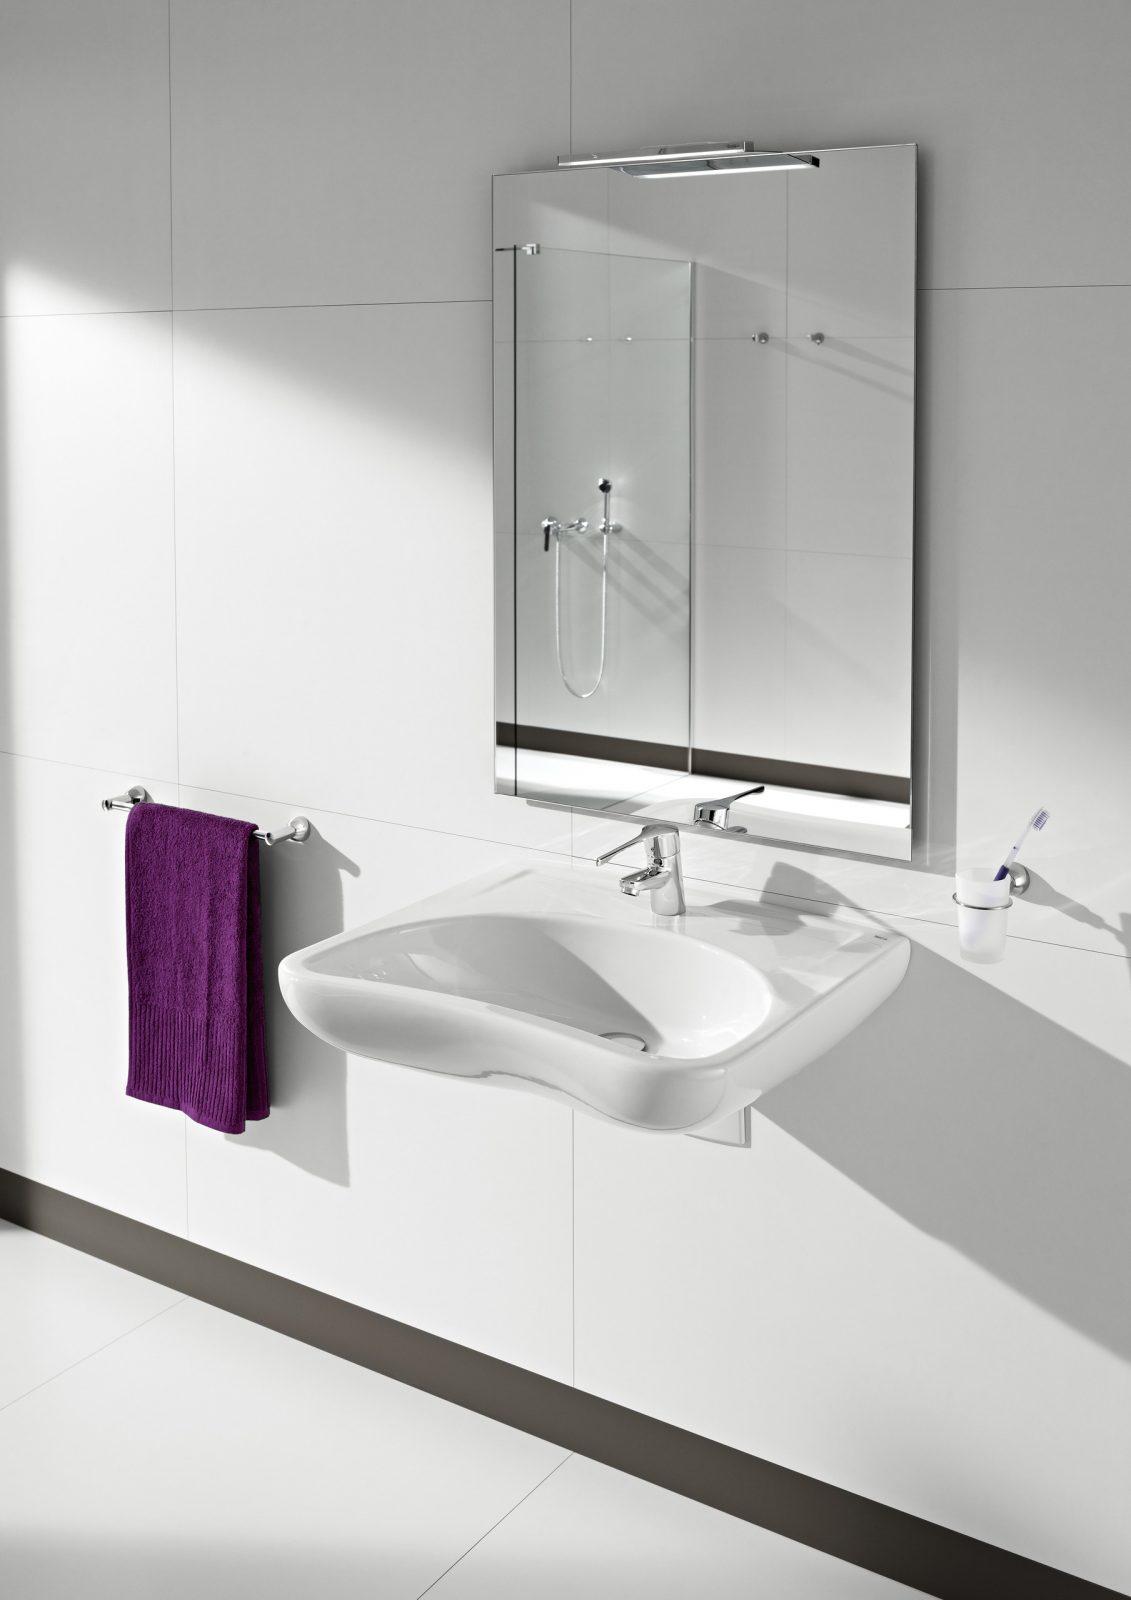 lavabo accessible de salle de bain fiche produit. Black Bedroom Furniture Sets. Home Design Ideas